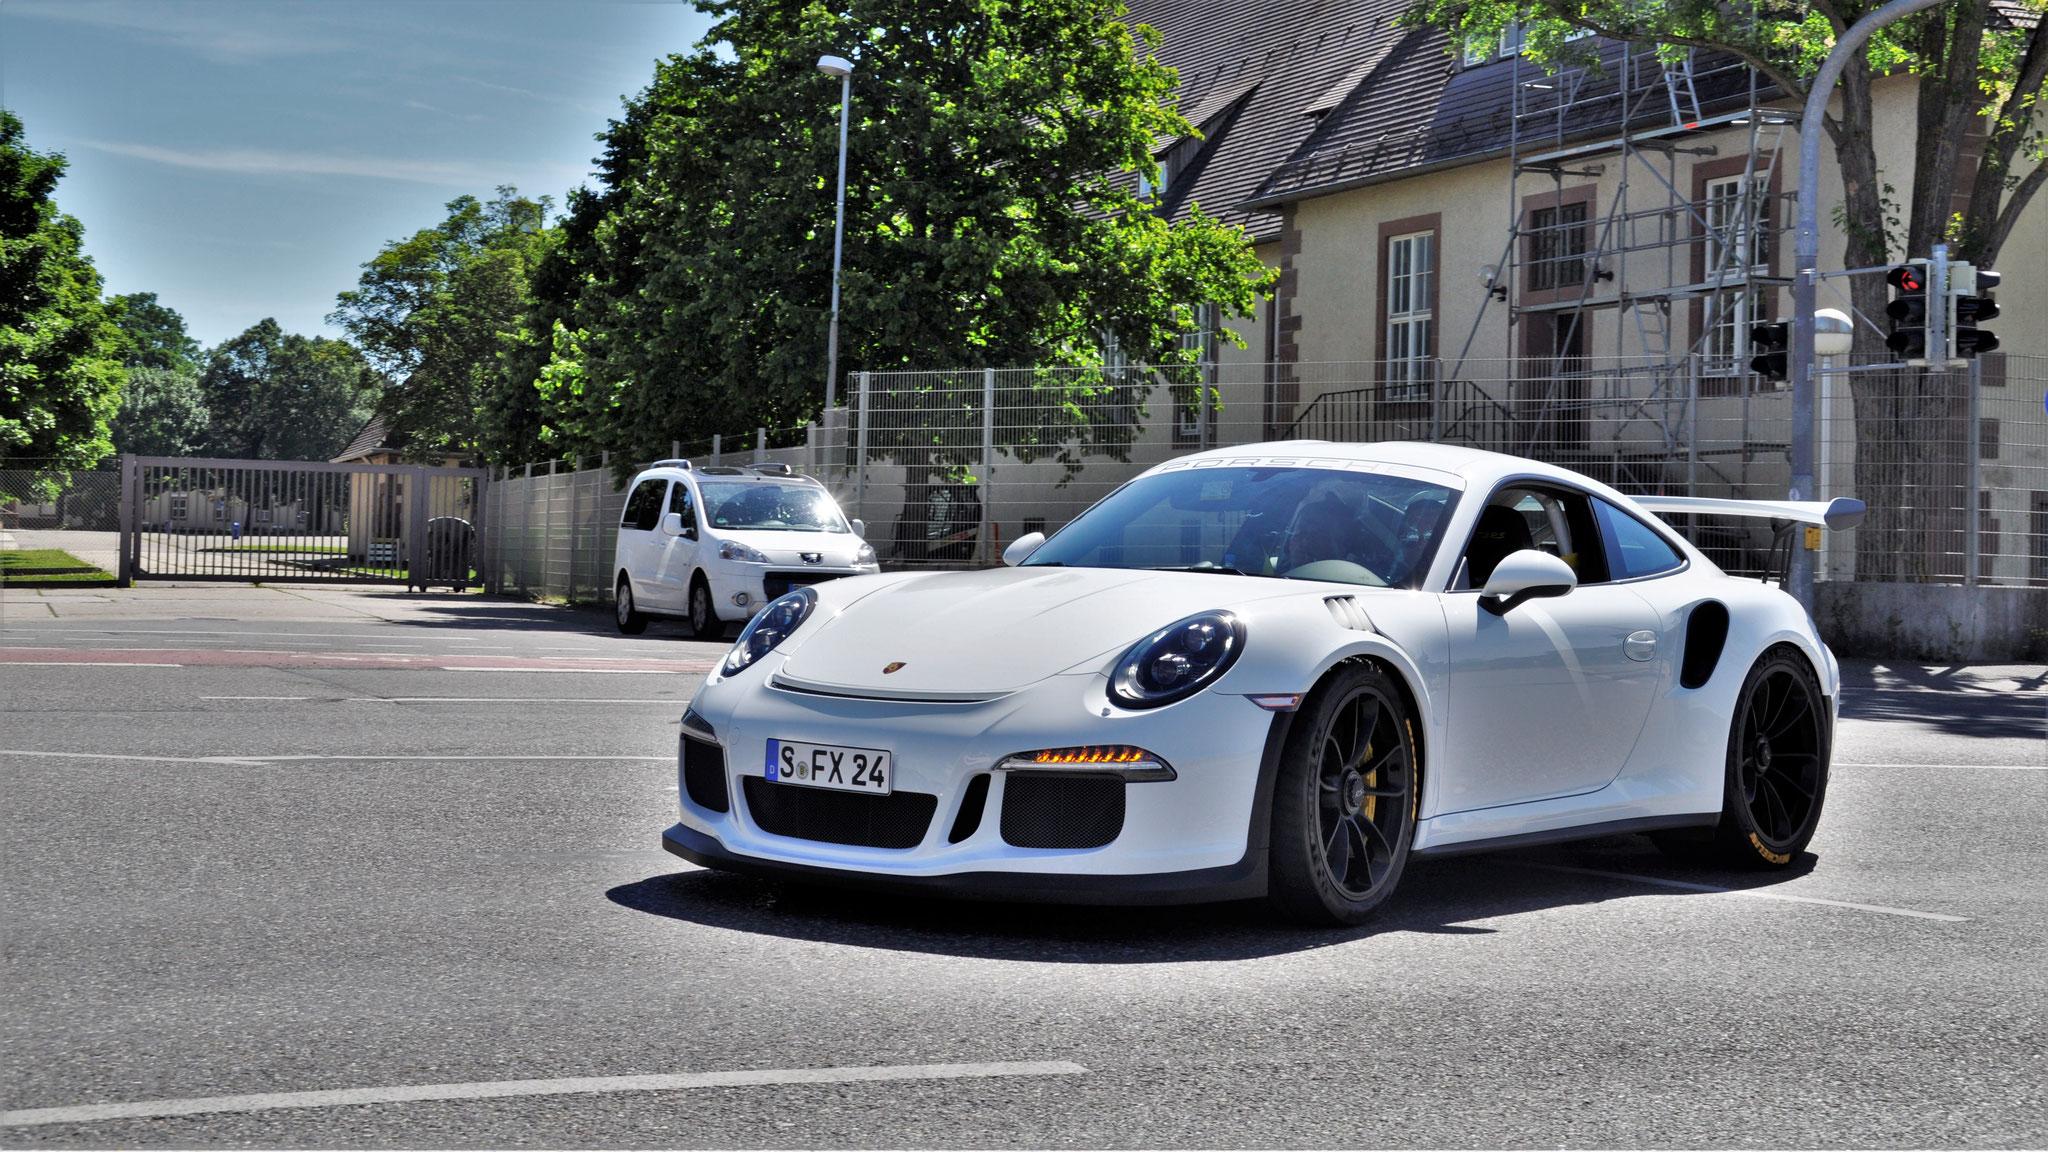 Porsche 911 GT3 RS - S-FX-24